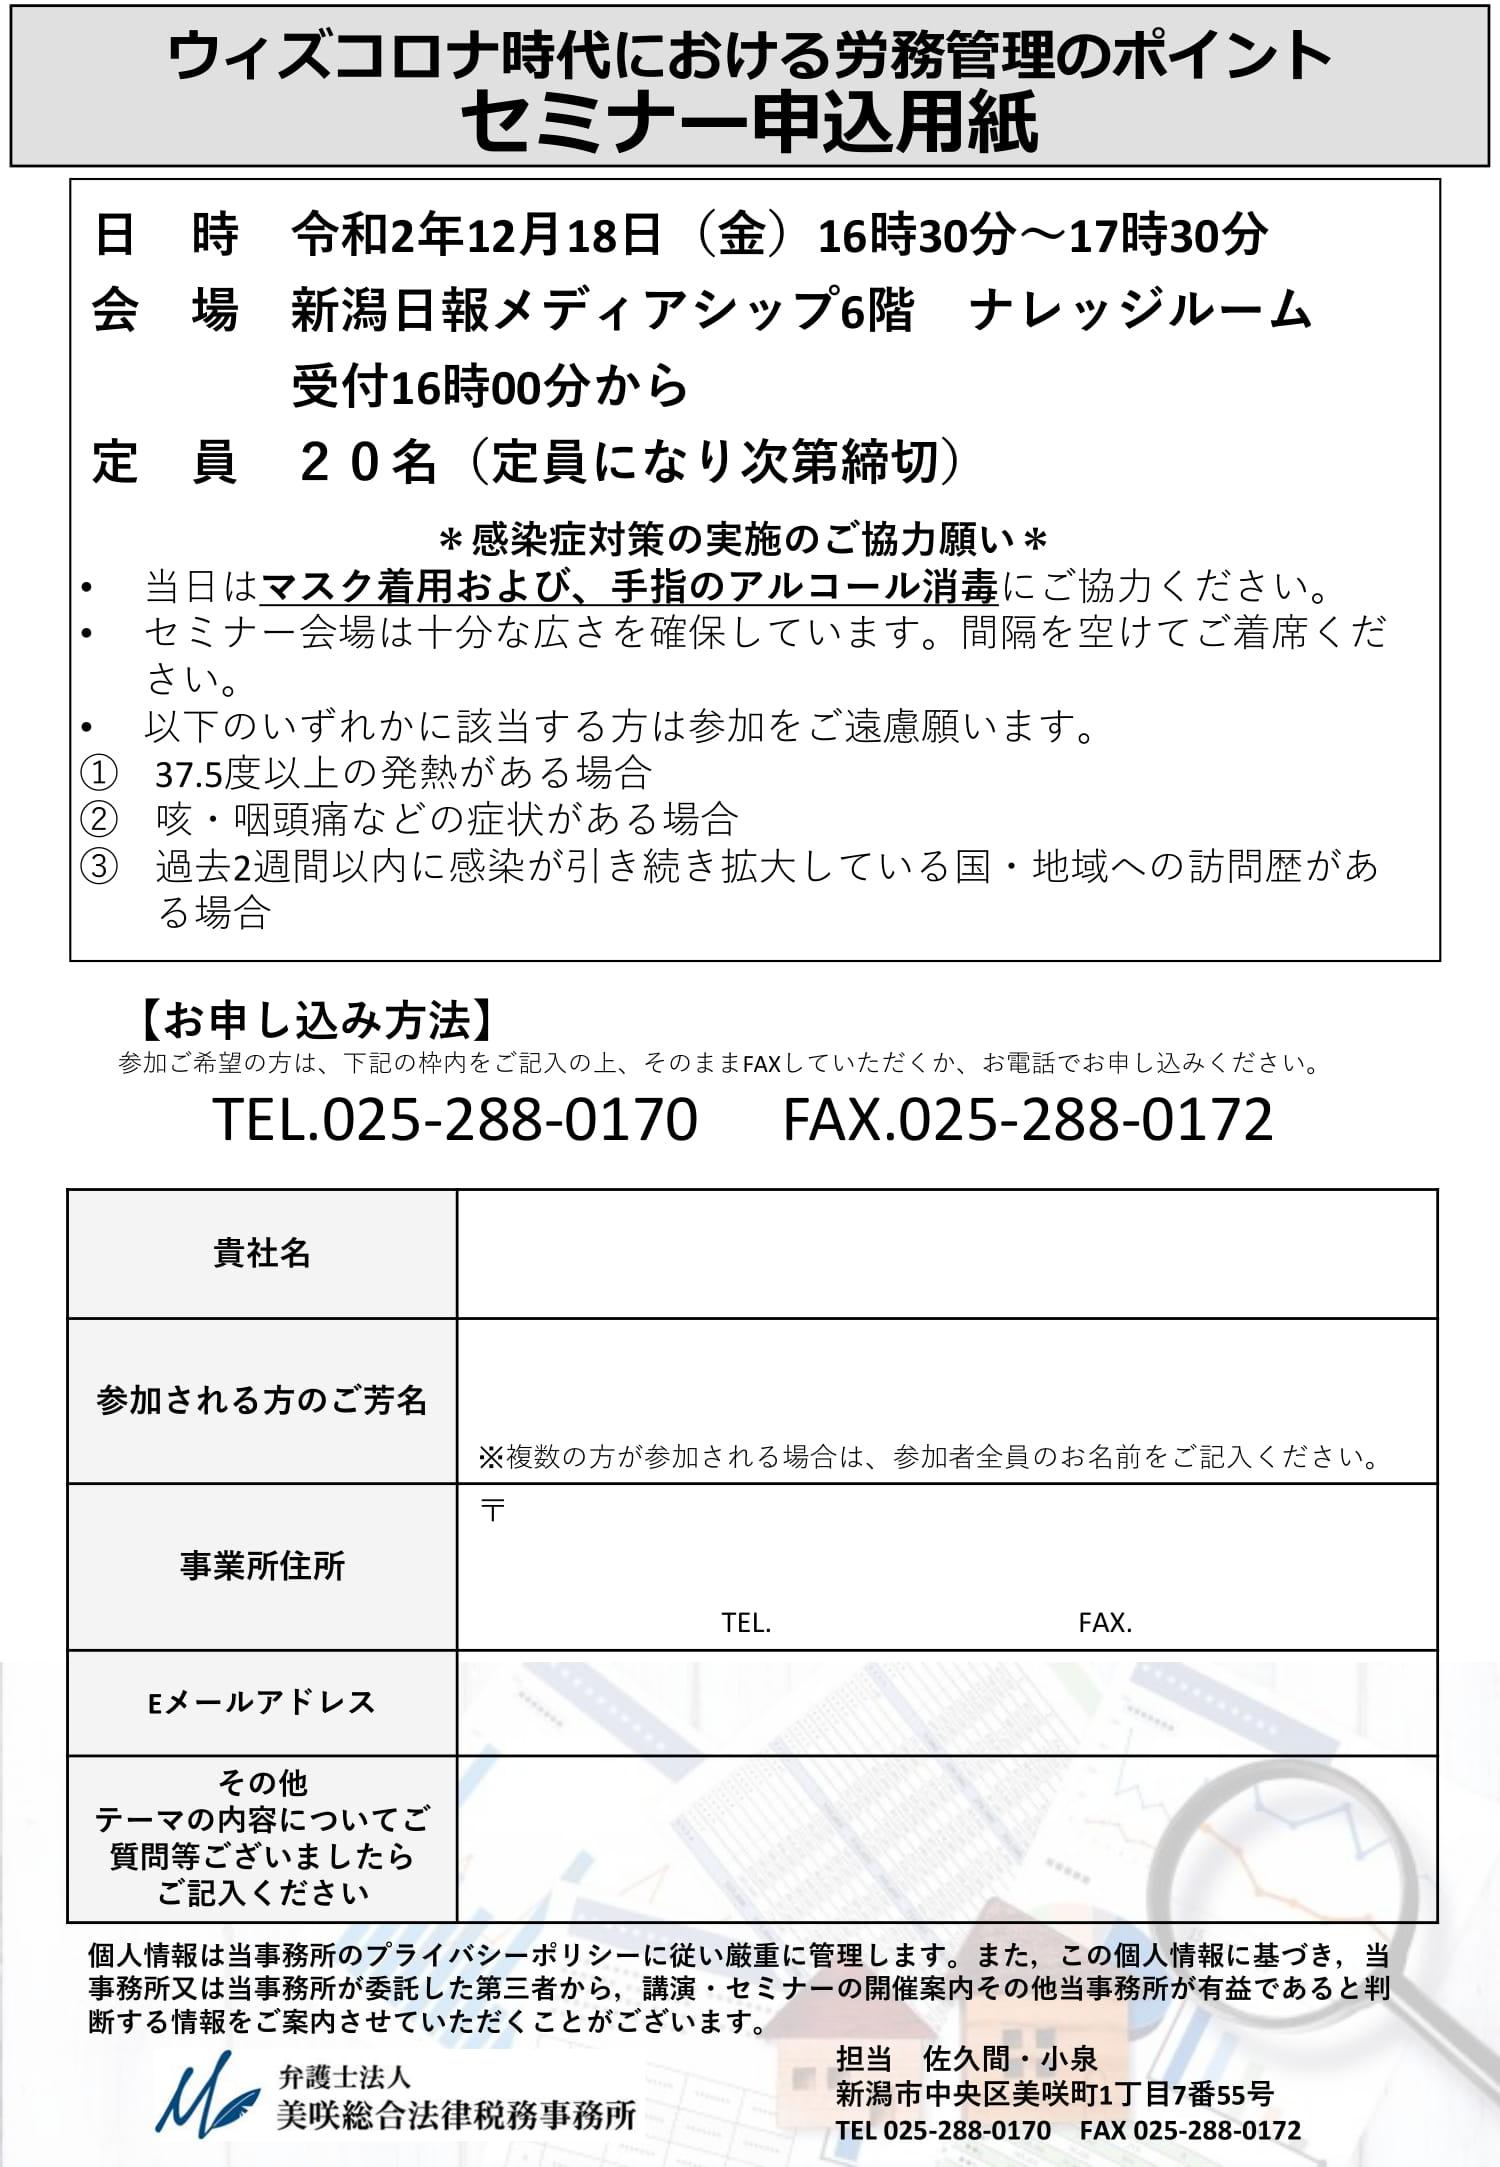 12月18日開催代理店セミナー案内チラシ-2.jpg